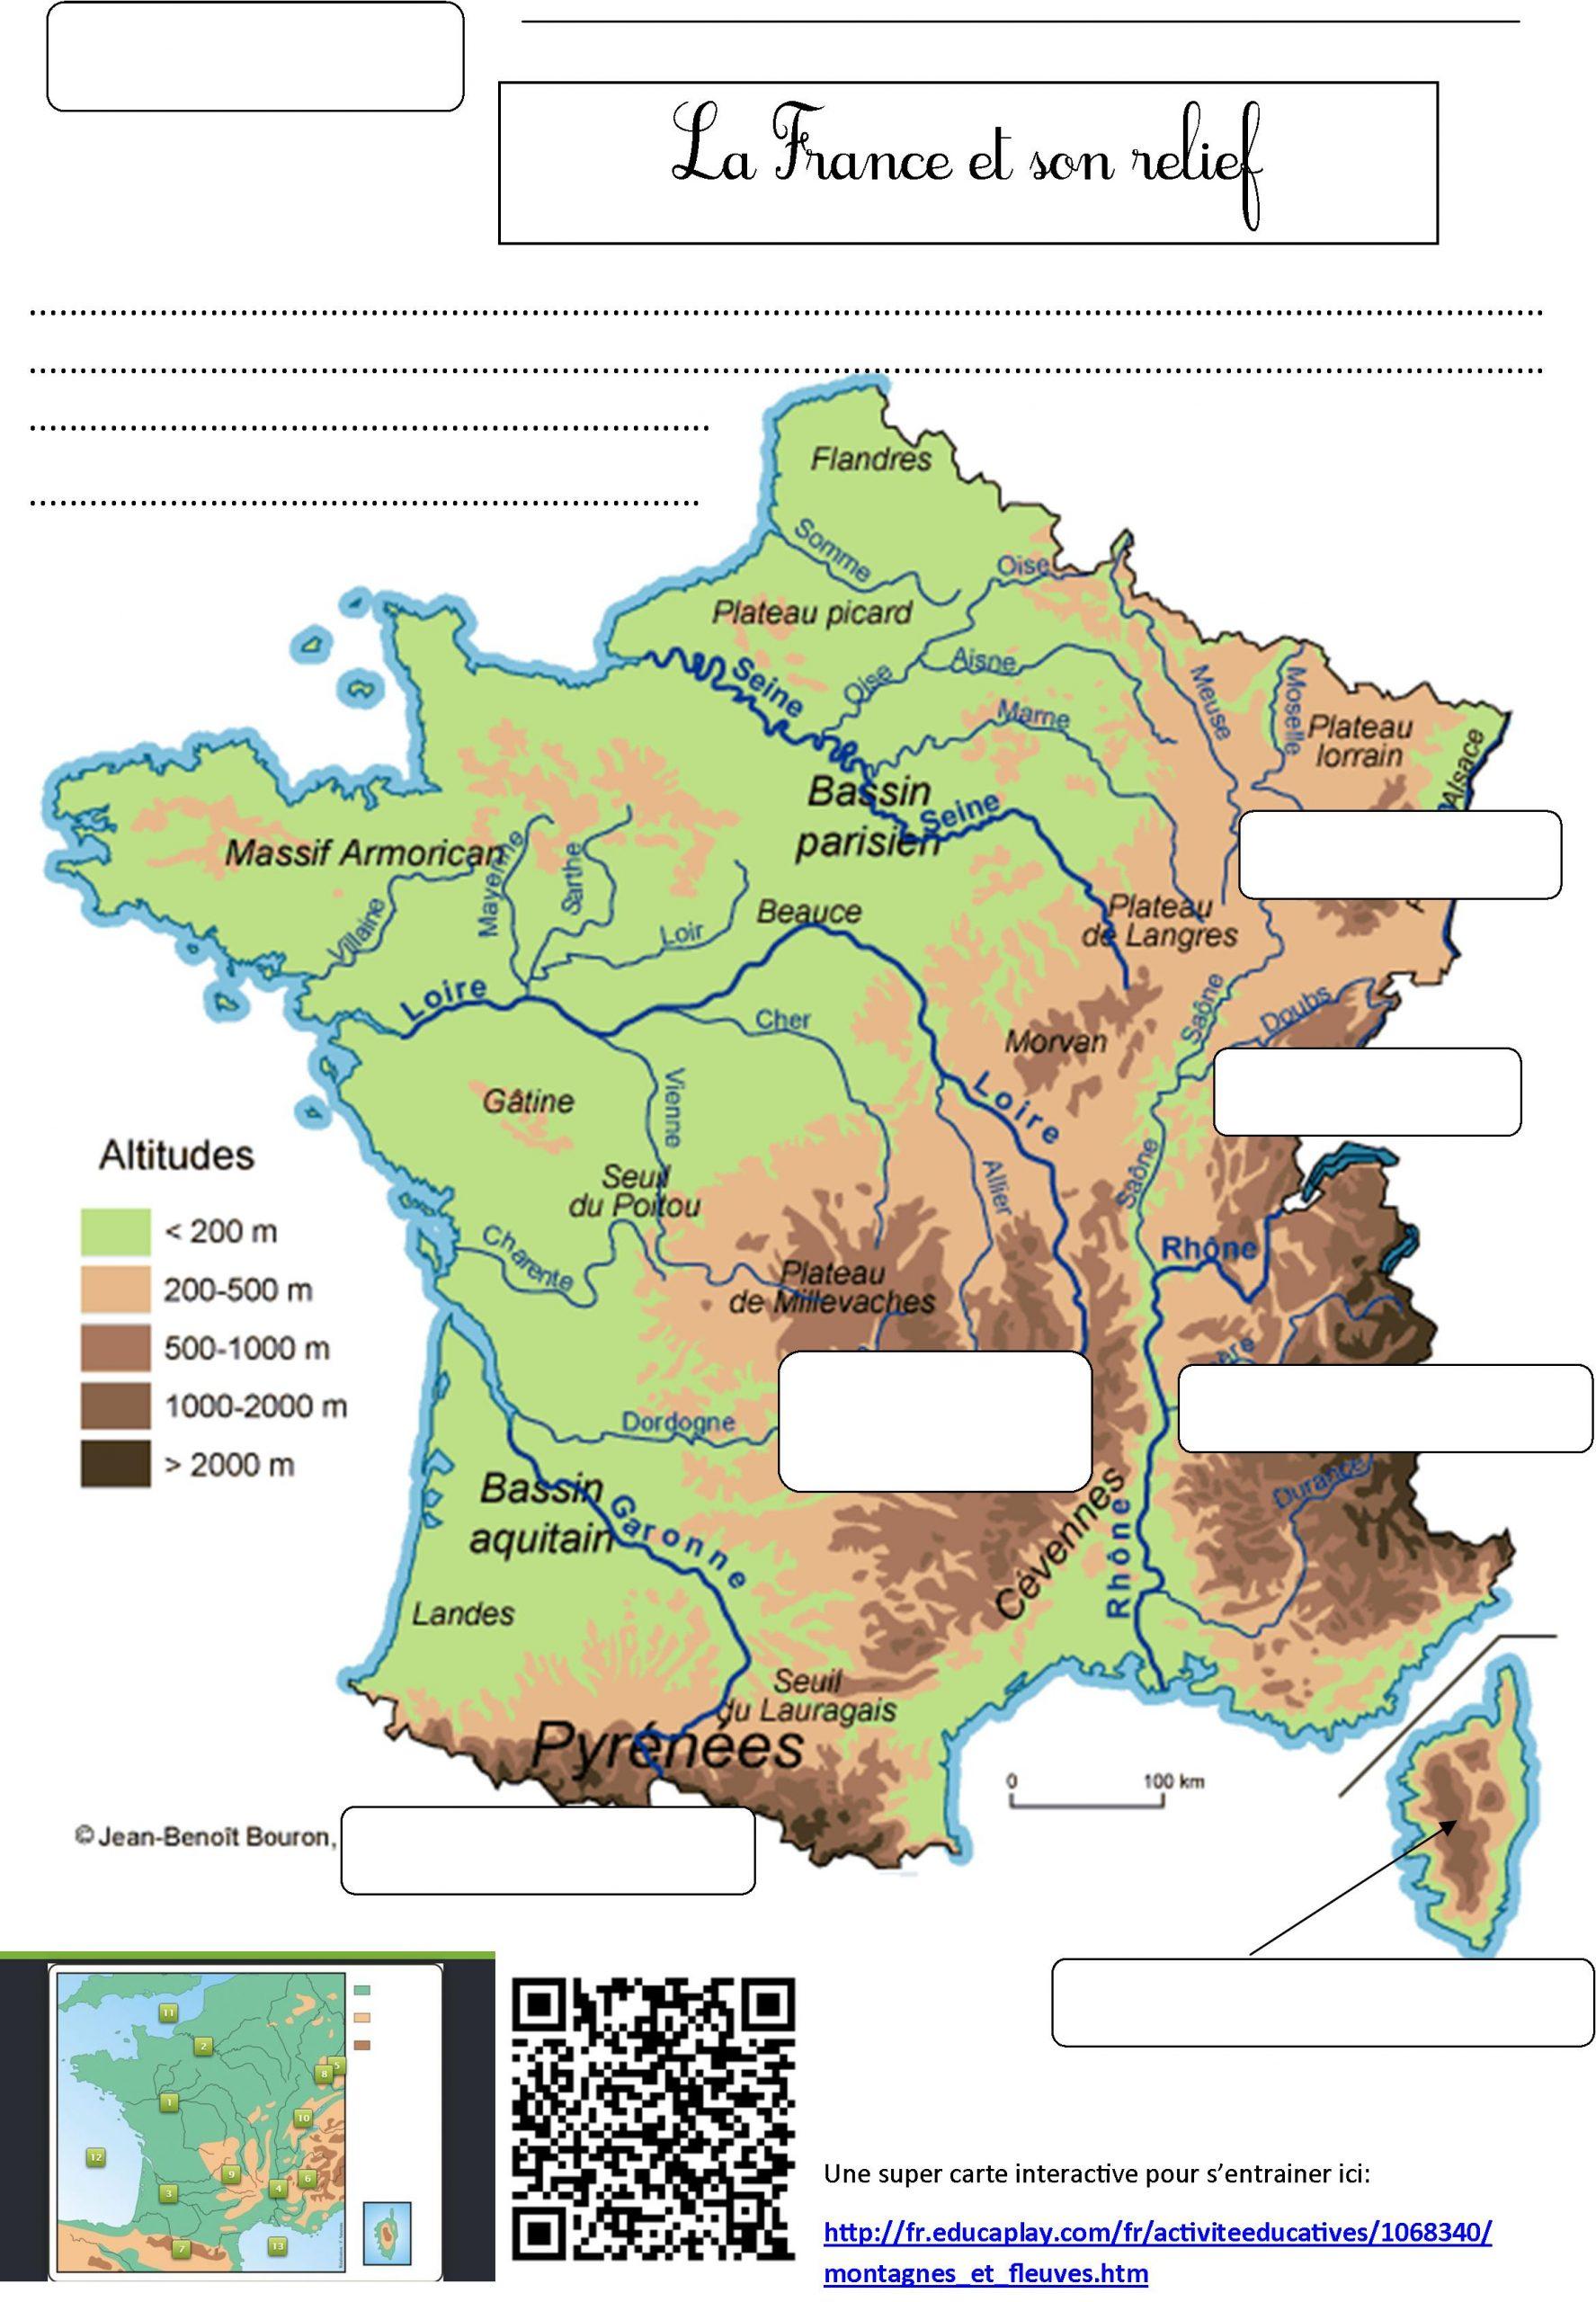 Fleuves De France | Le Blog De Monsieur Mathieu concernant Carte Des Fleuves De France